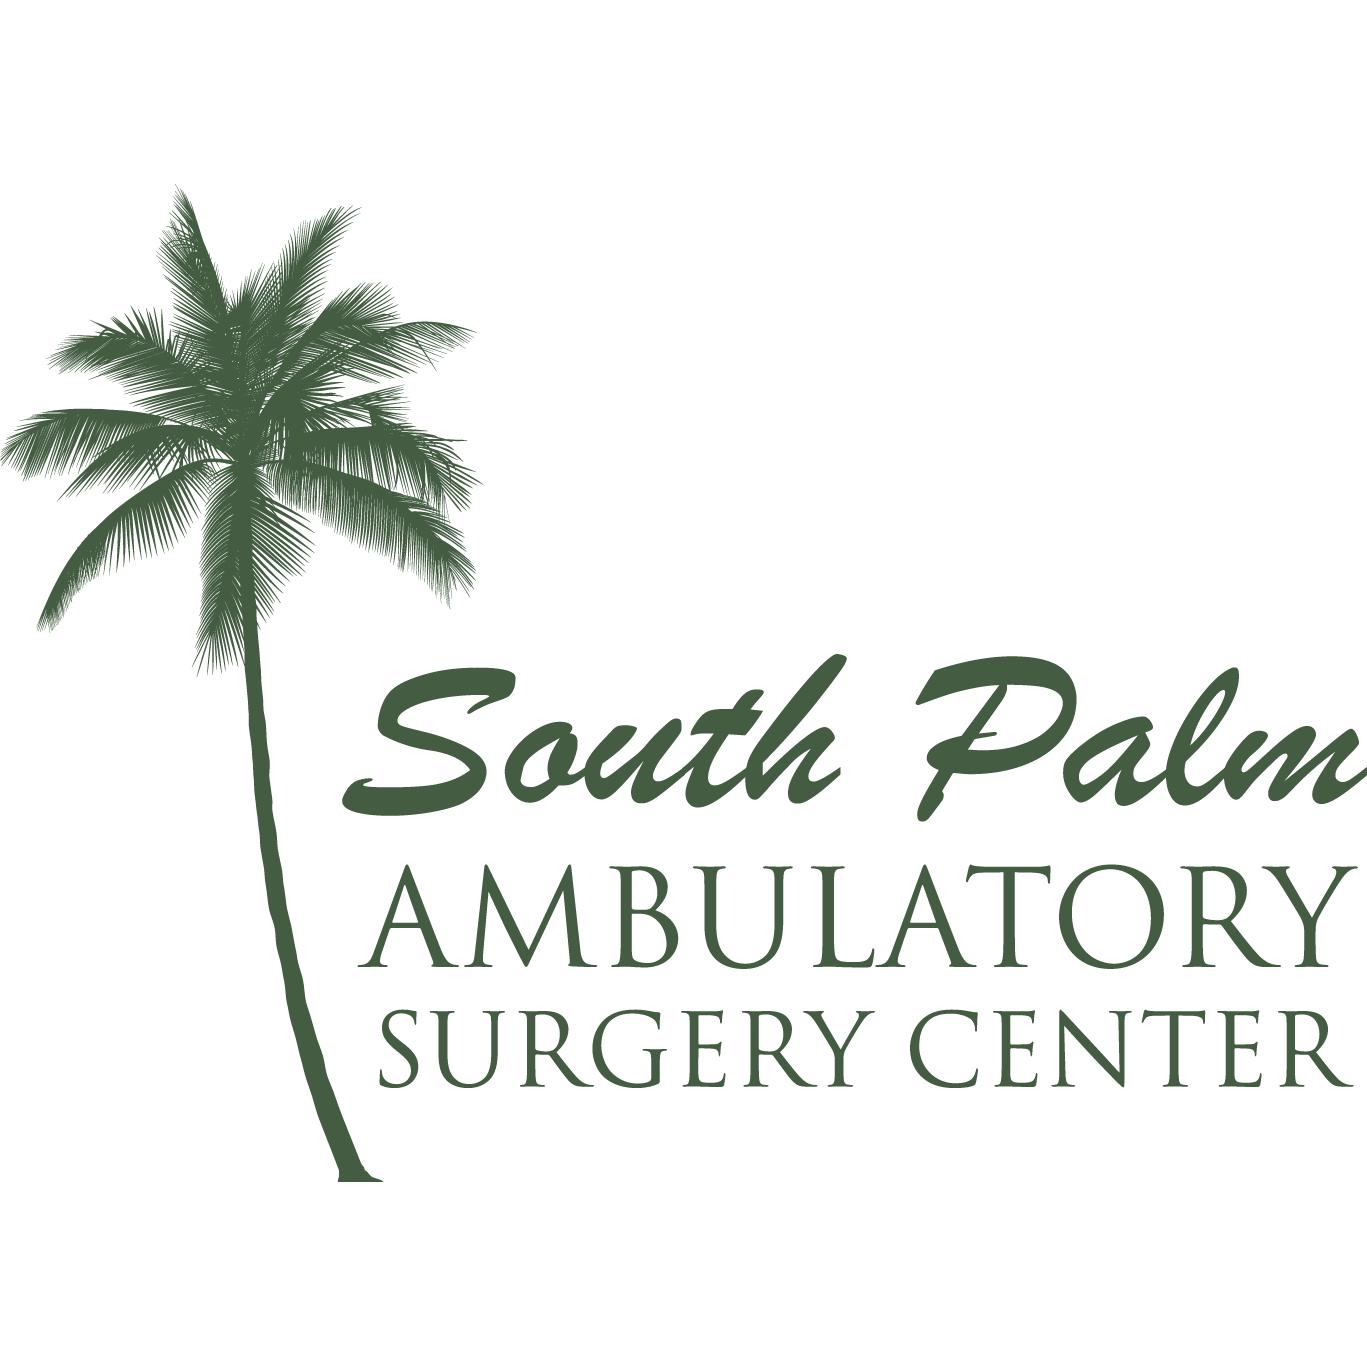 South Palm Ambulatory Surgery Center, LLC